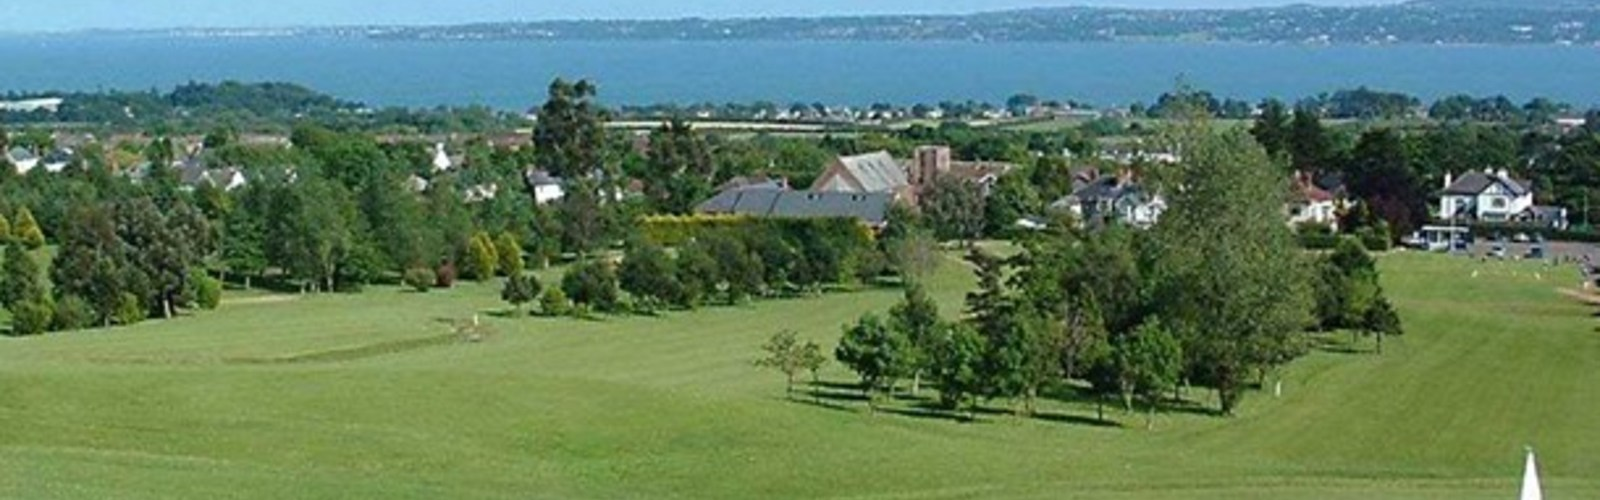 Greenisland1